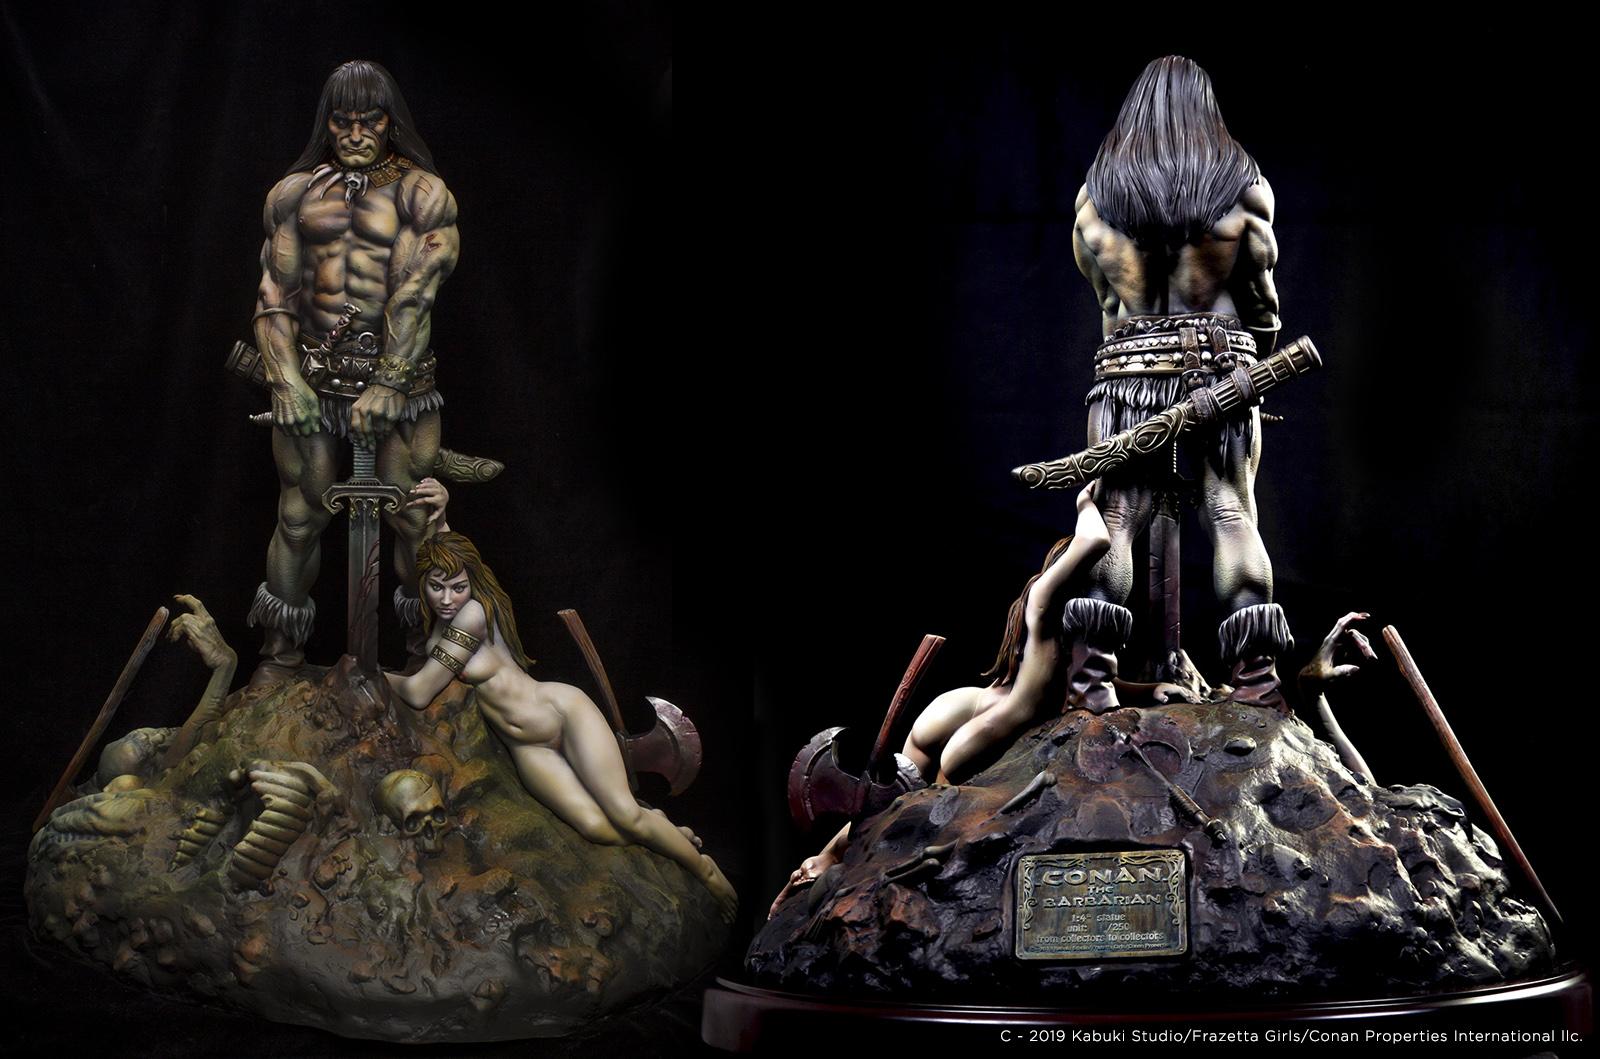 Conan The Barbarian - 1:4th scale premium statue